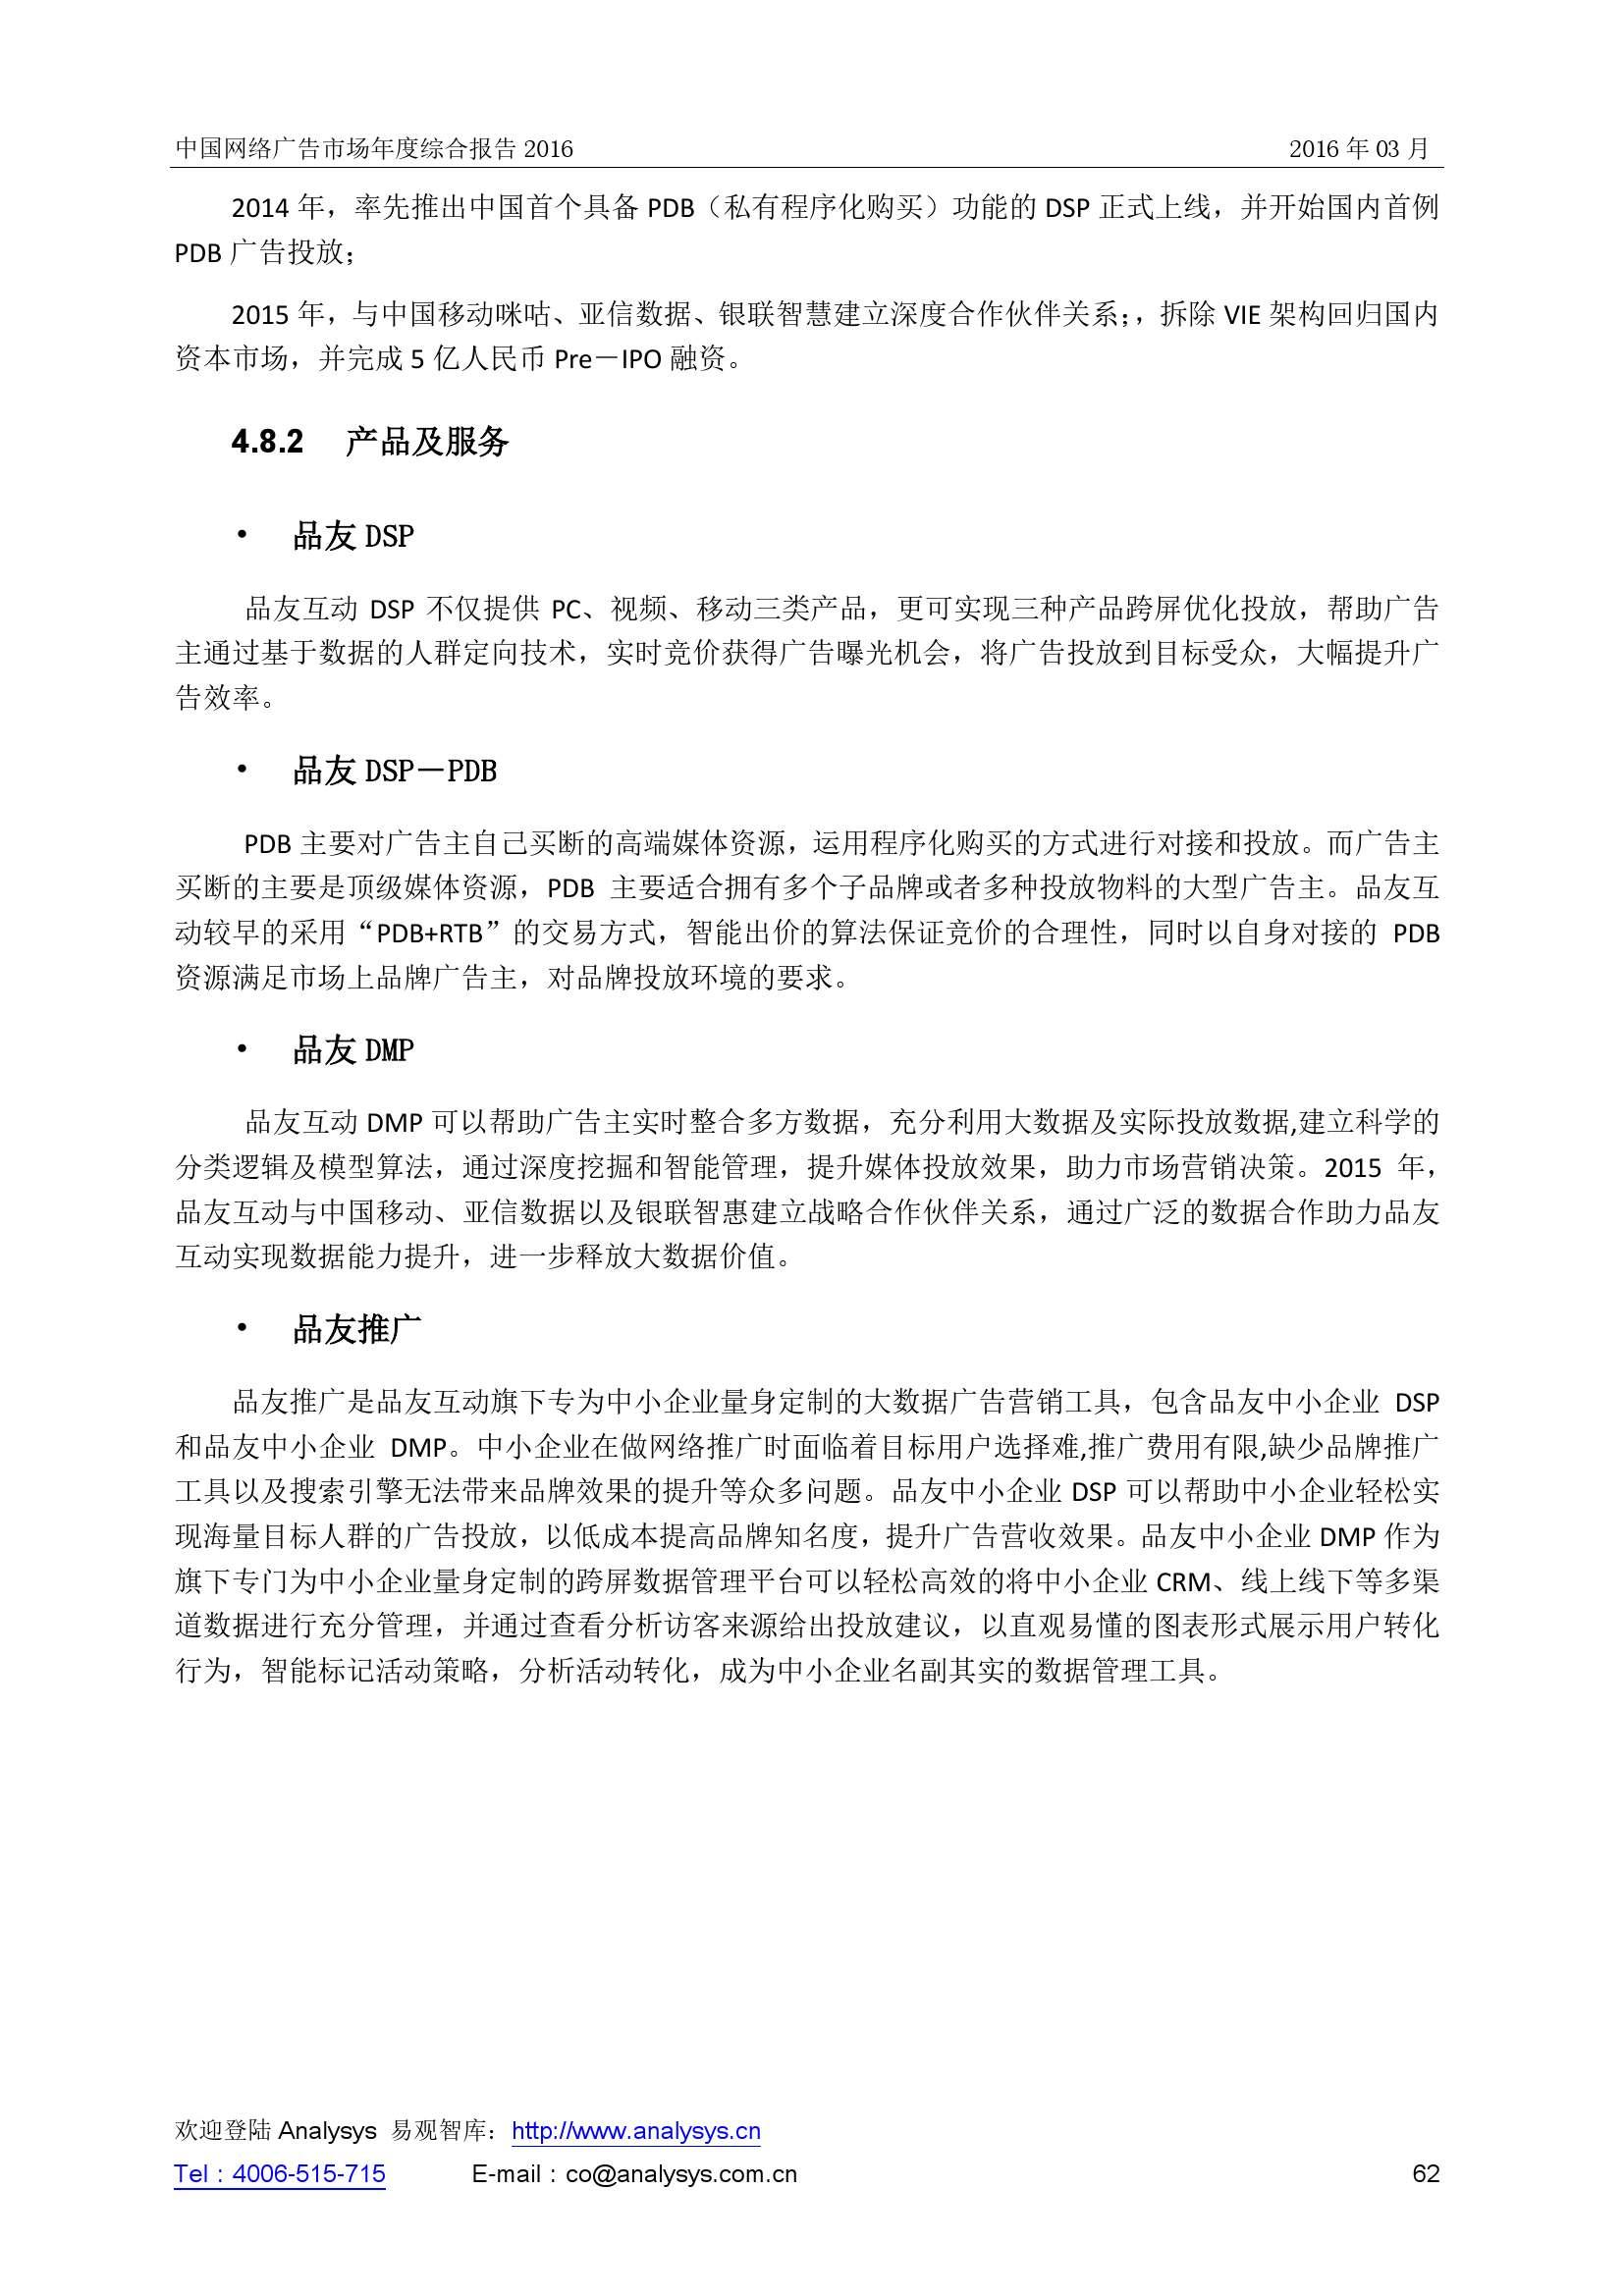 中国网络广告市场年度综合报告2016_000062